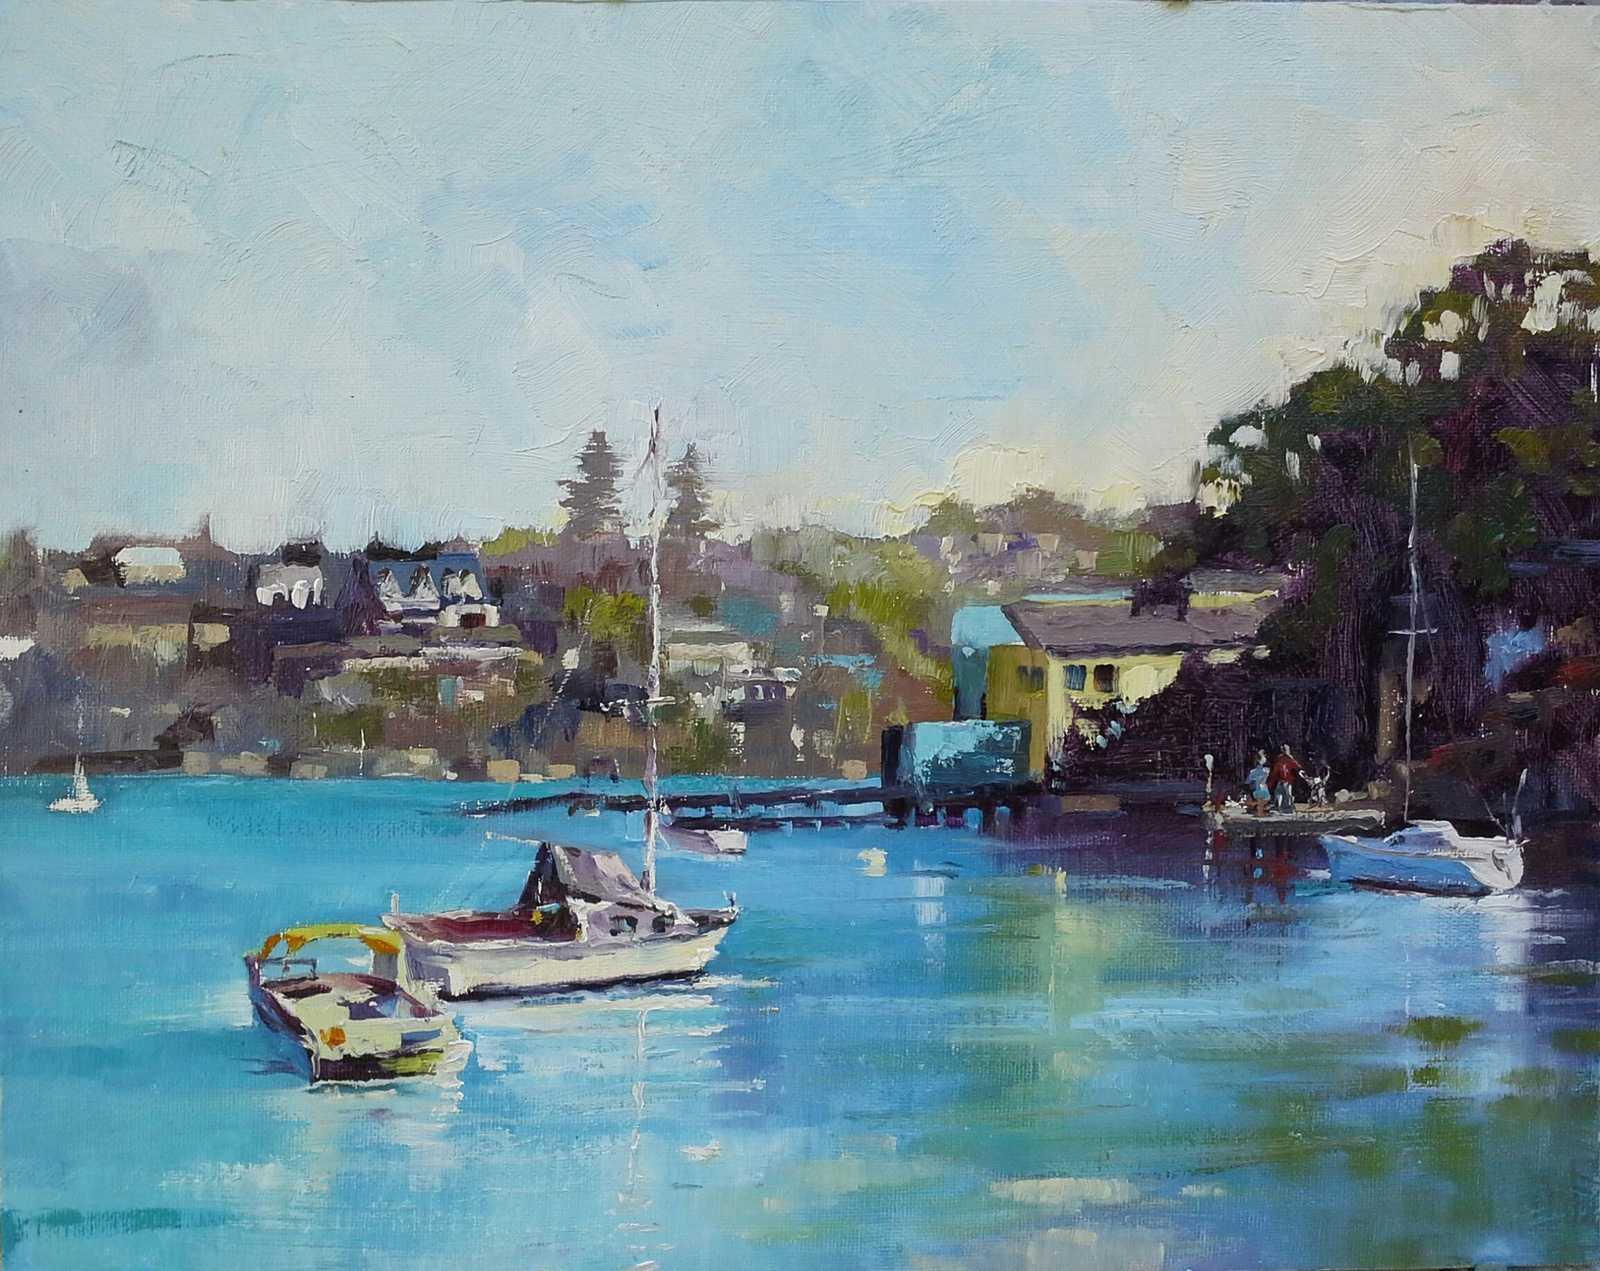 Tambourine Bay, Lane Cove